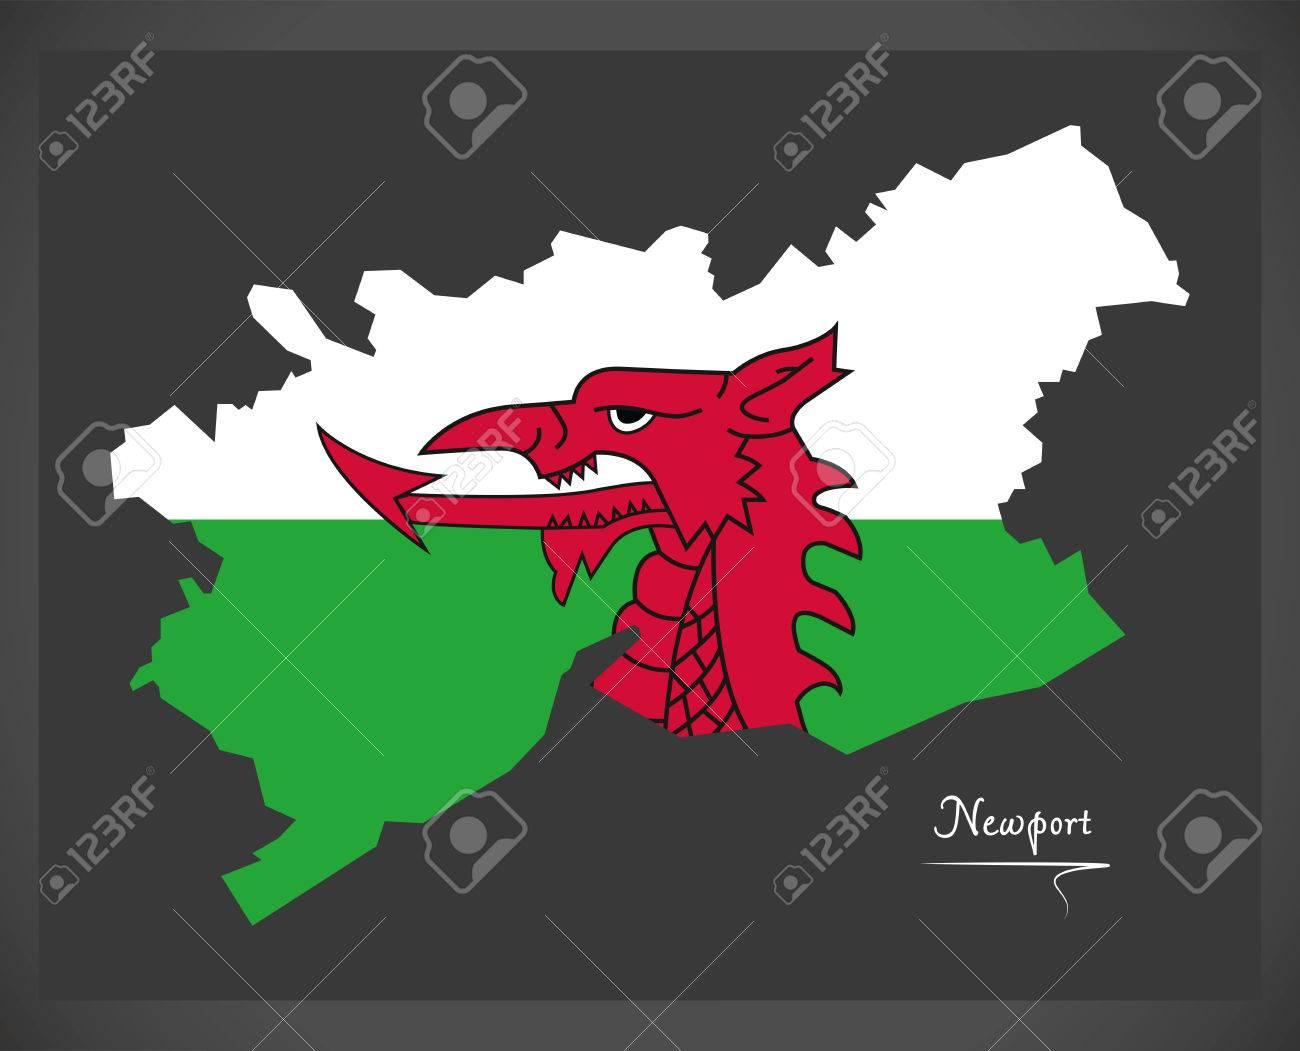 Newport Mapa De Gales Con La Ilustración De La Bandera Nacional ...